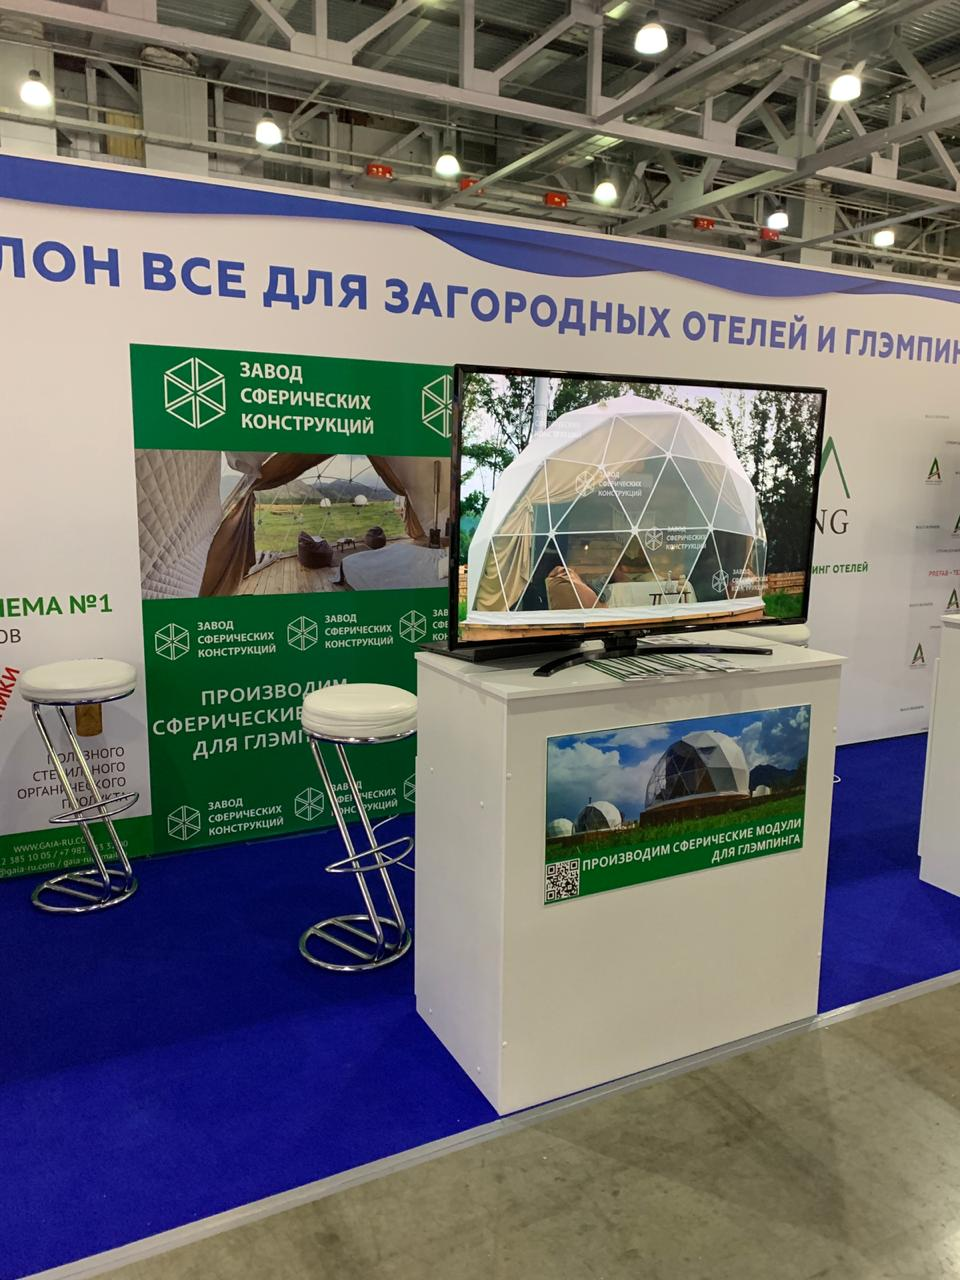 Ярославские товары представили на крупных выставках в Москве